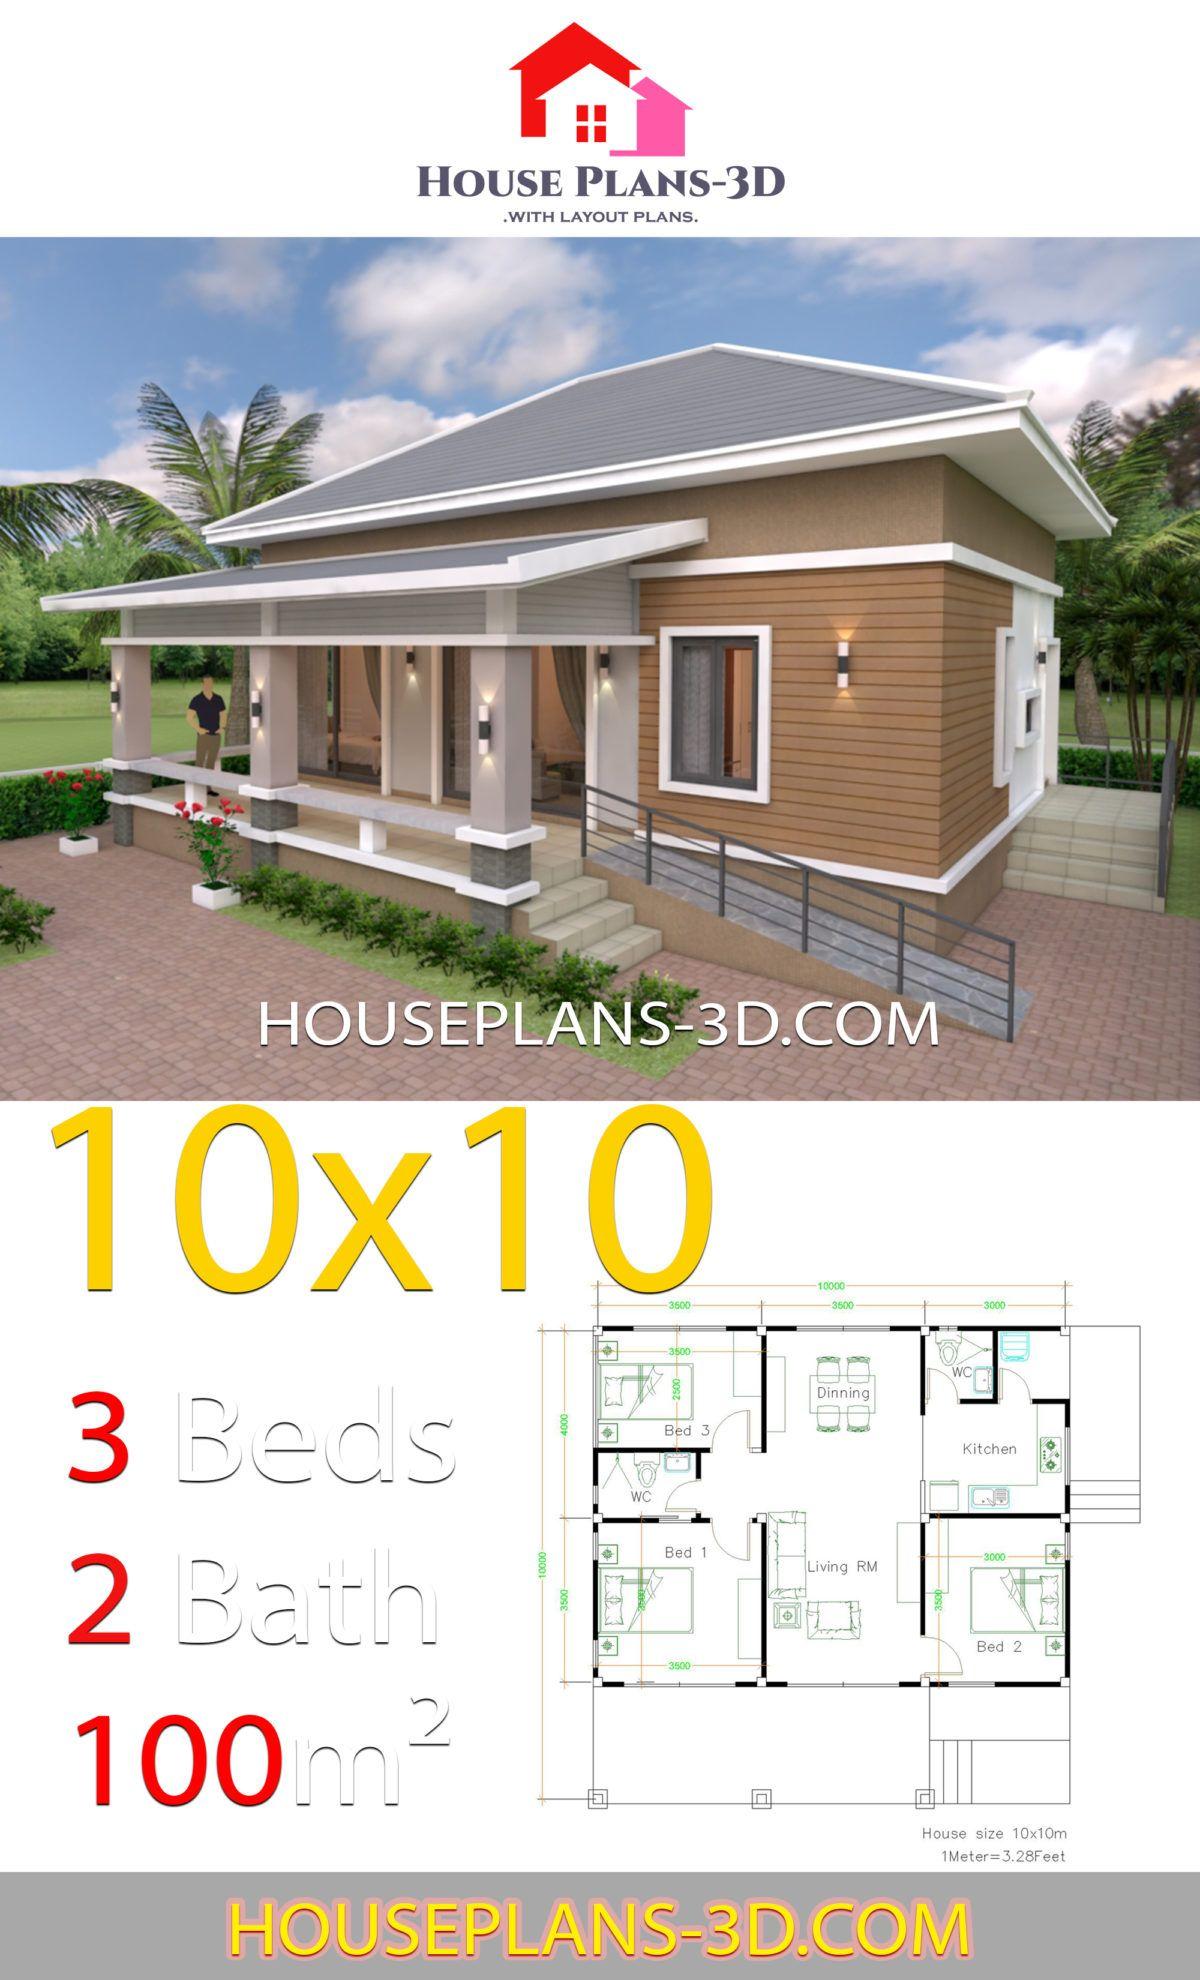 10x10 Bedroom Plans: House Design 10x10 With 3 Bedrooms Hip Roof En 2020 (avec